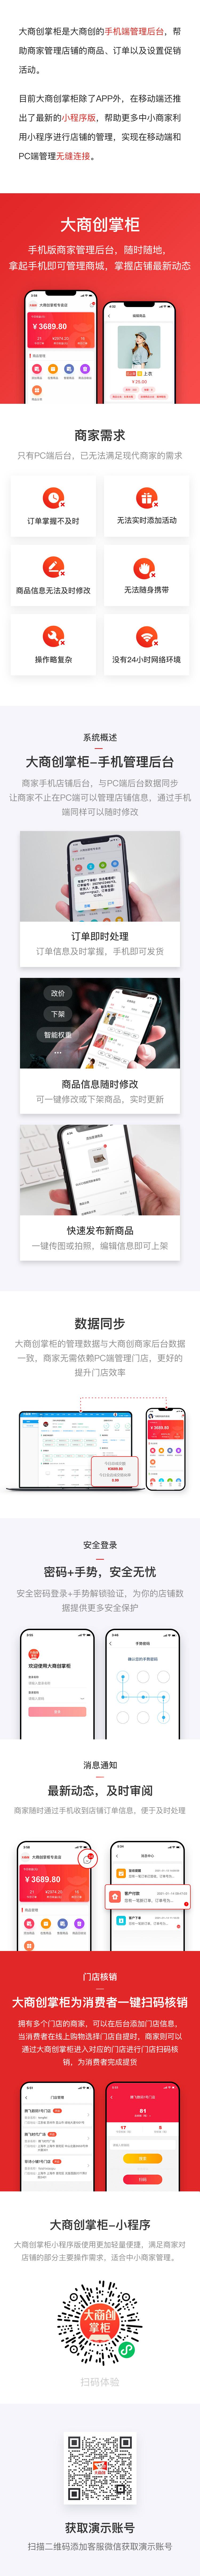 大商创掌柜小程序版上线啦,更便捷的手机商家管理后台!